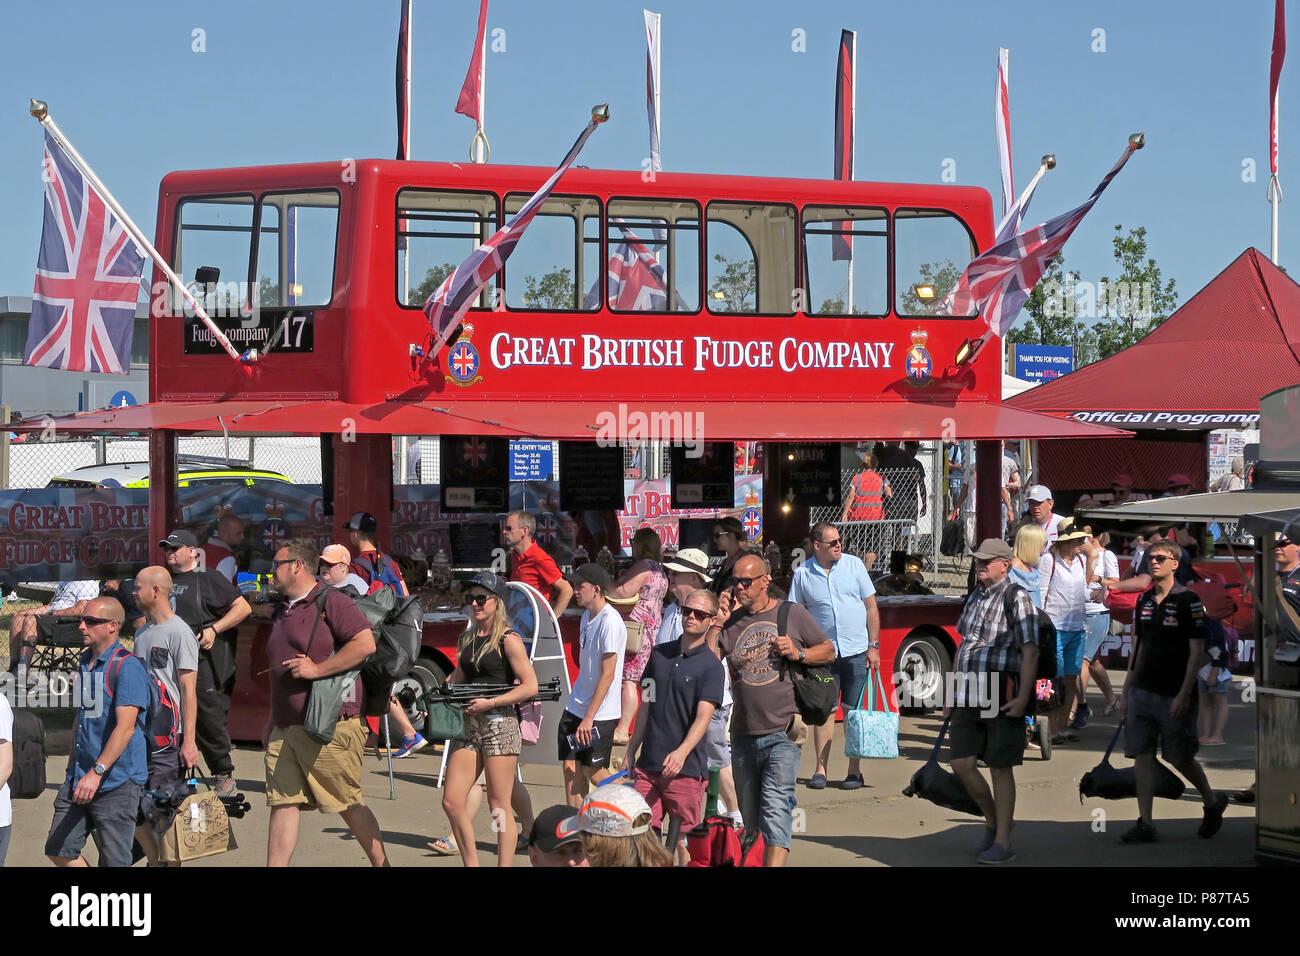 Laden Sie dieses Alamy Stockfoto Der große britische Fudge Firma Red Bus Sweet Shop, Silverstone, England, Großbritannien - P87TA5